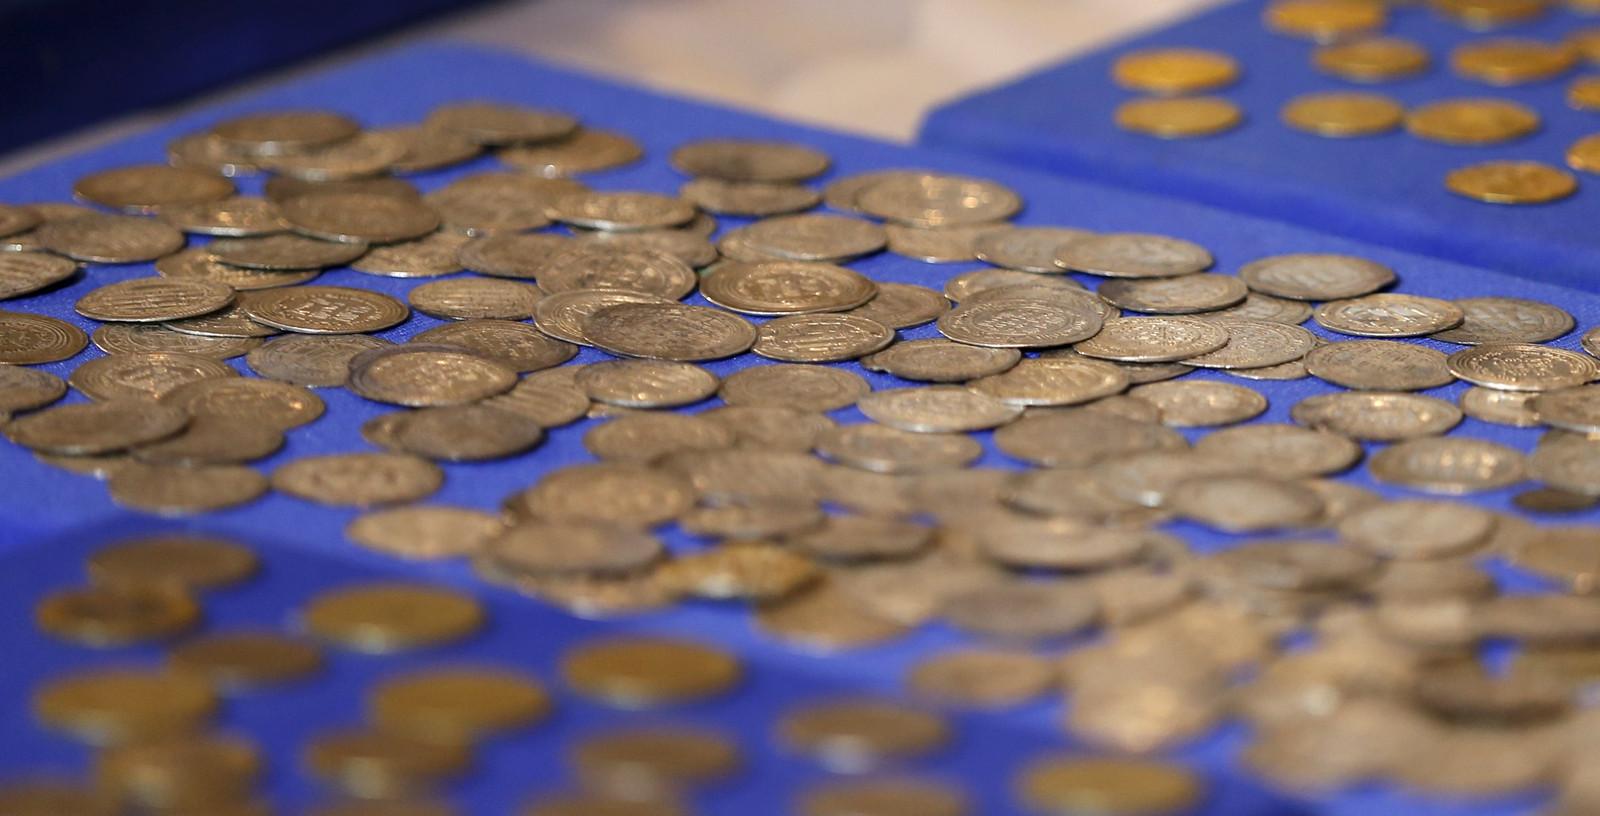 De gevonden schatten zijn naar het Nationaal Museum van Irak in Baghdad gebracht.